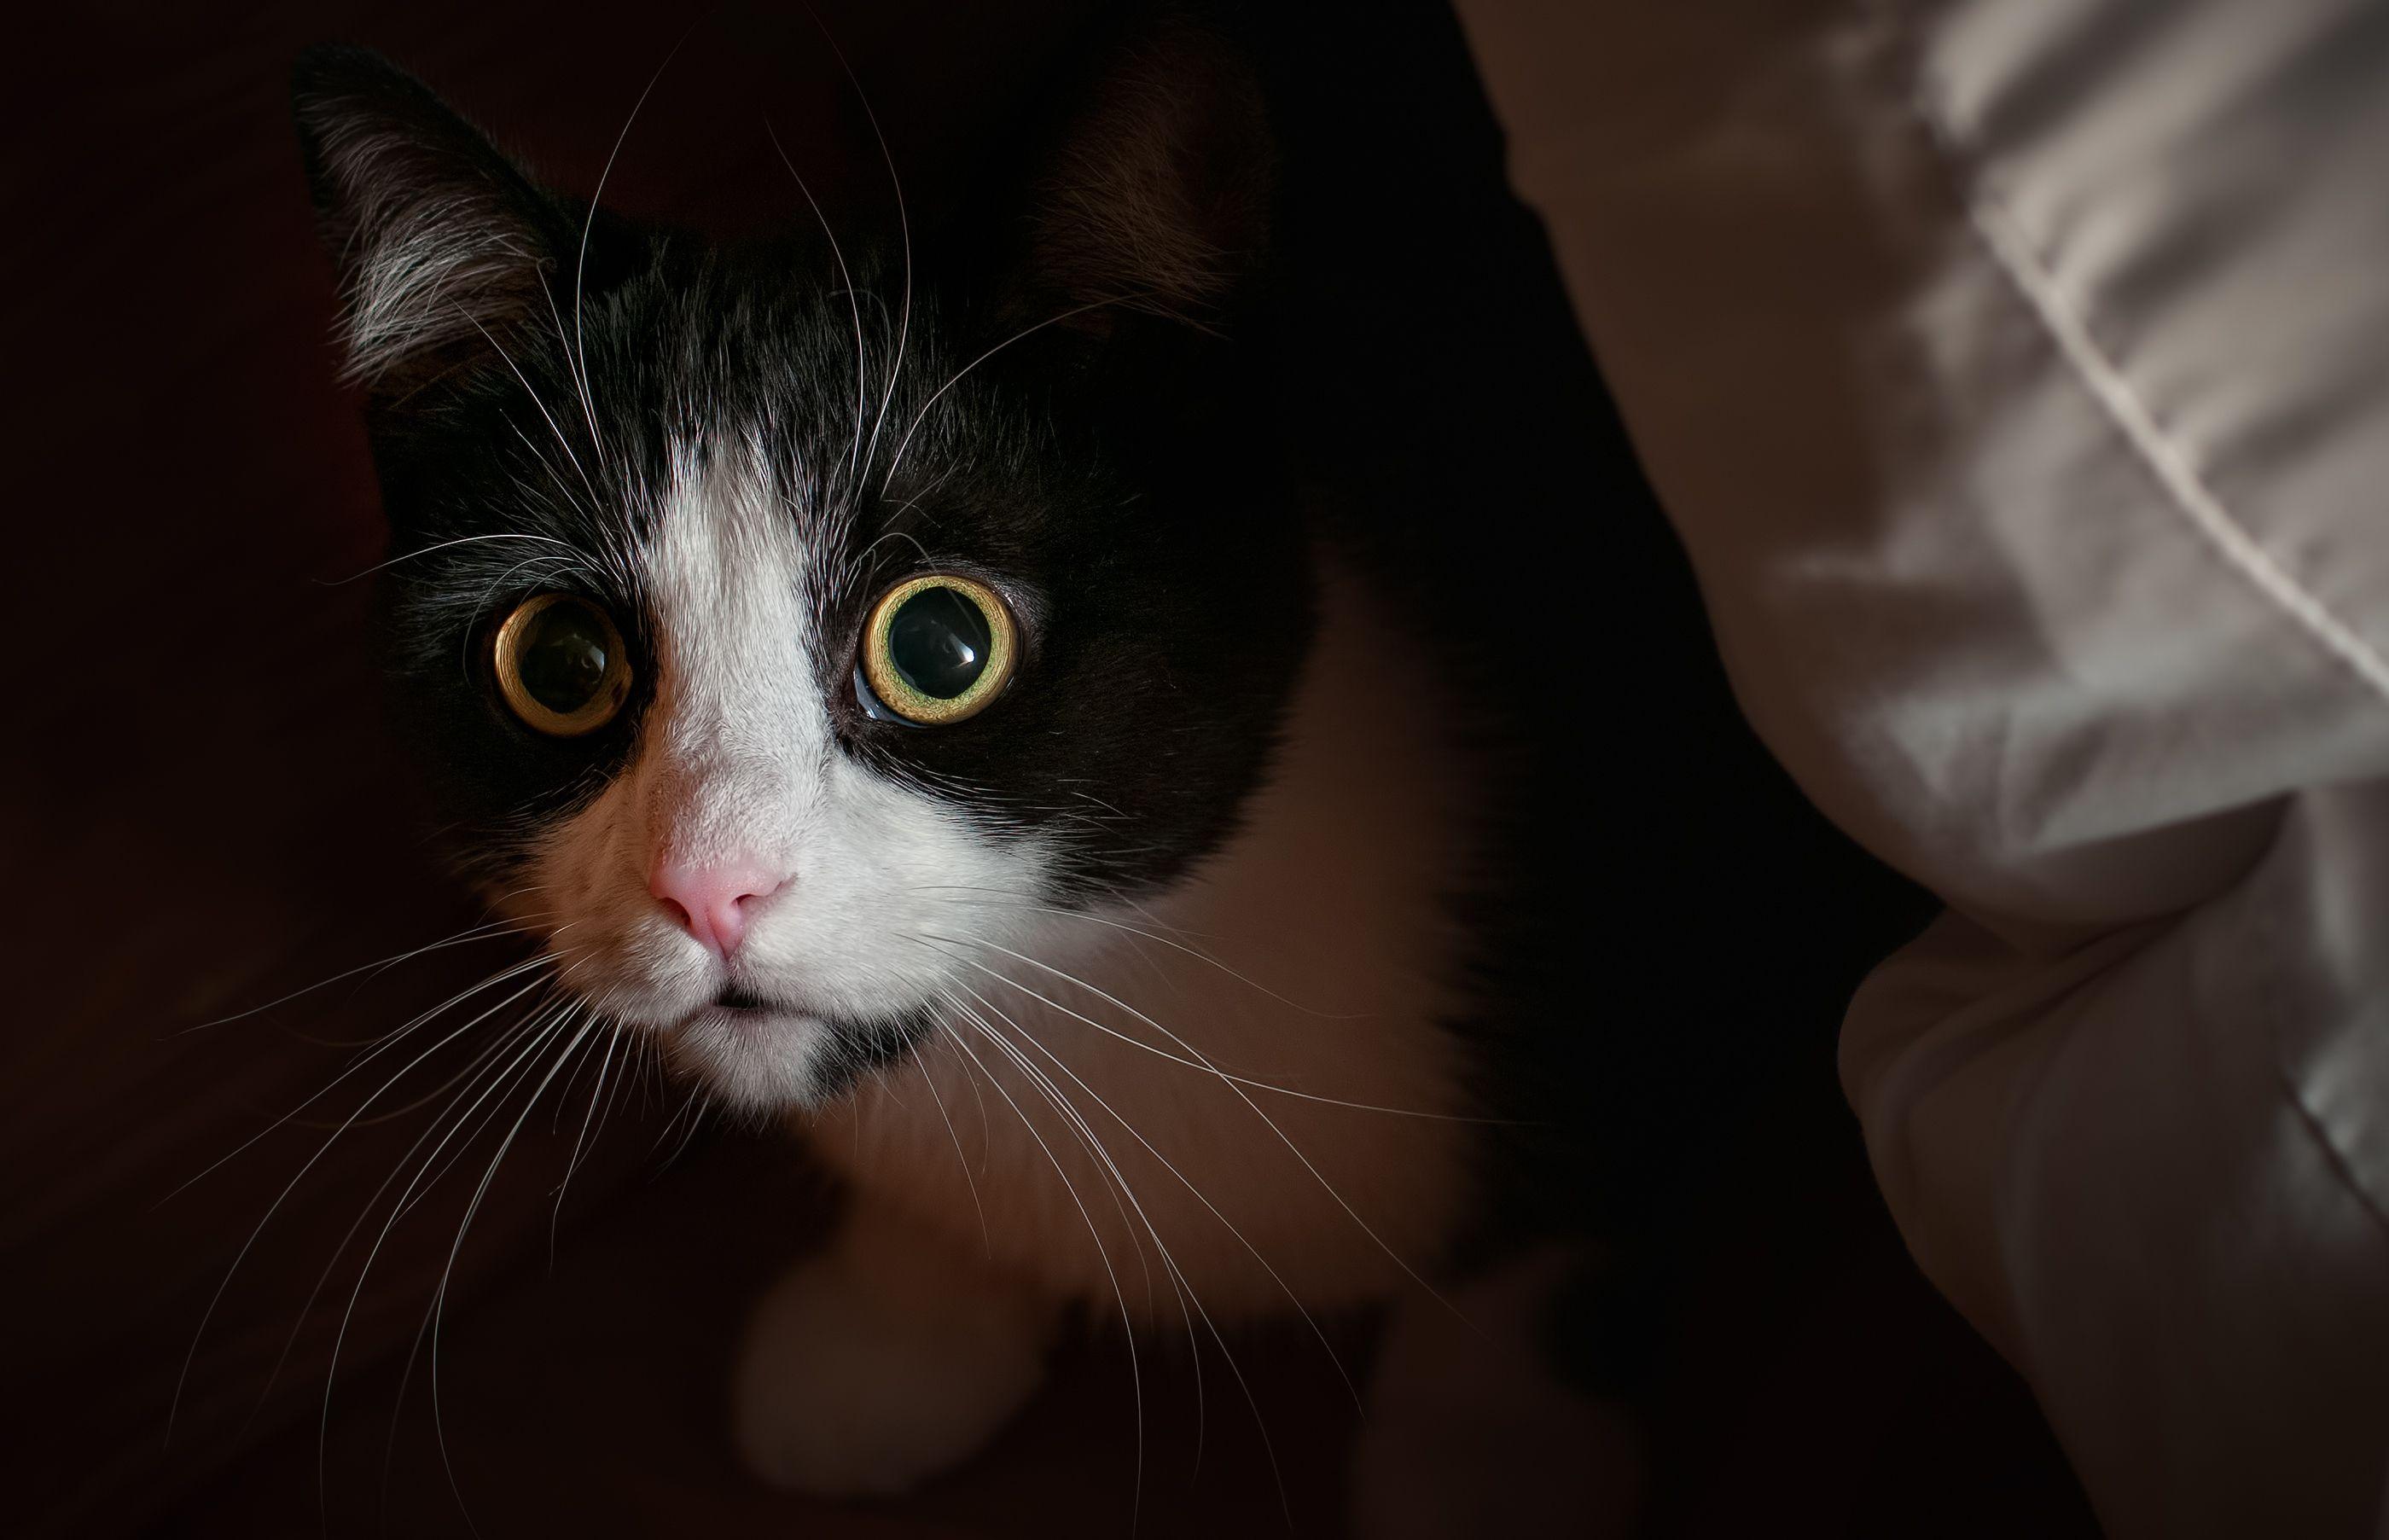 gato-miedo-a-petardos 2